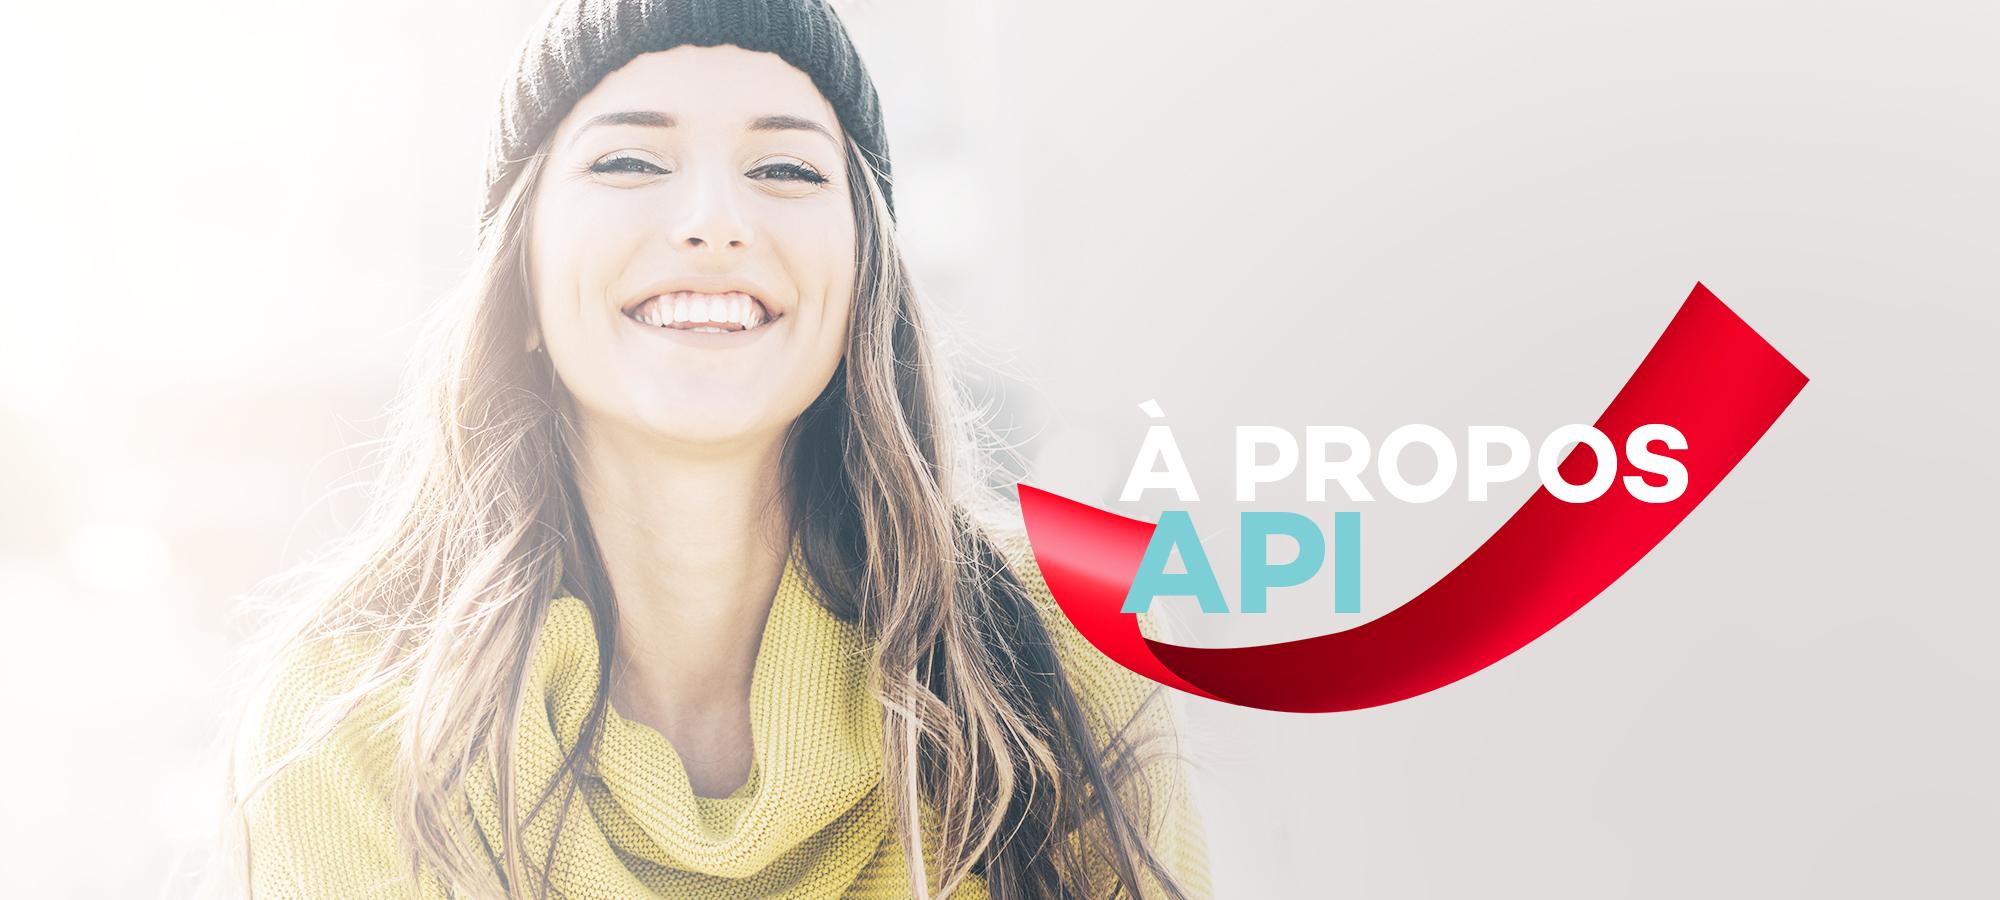 A propos API